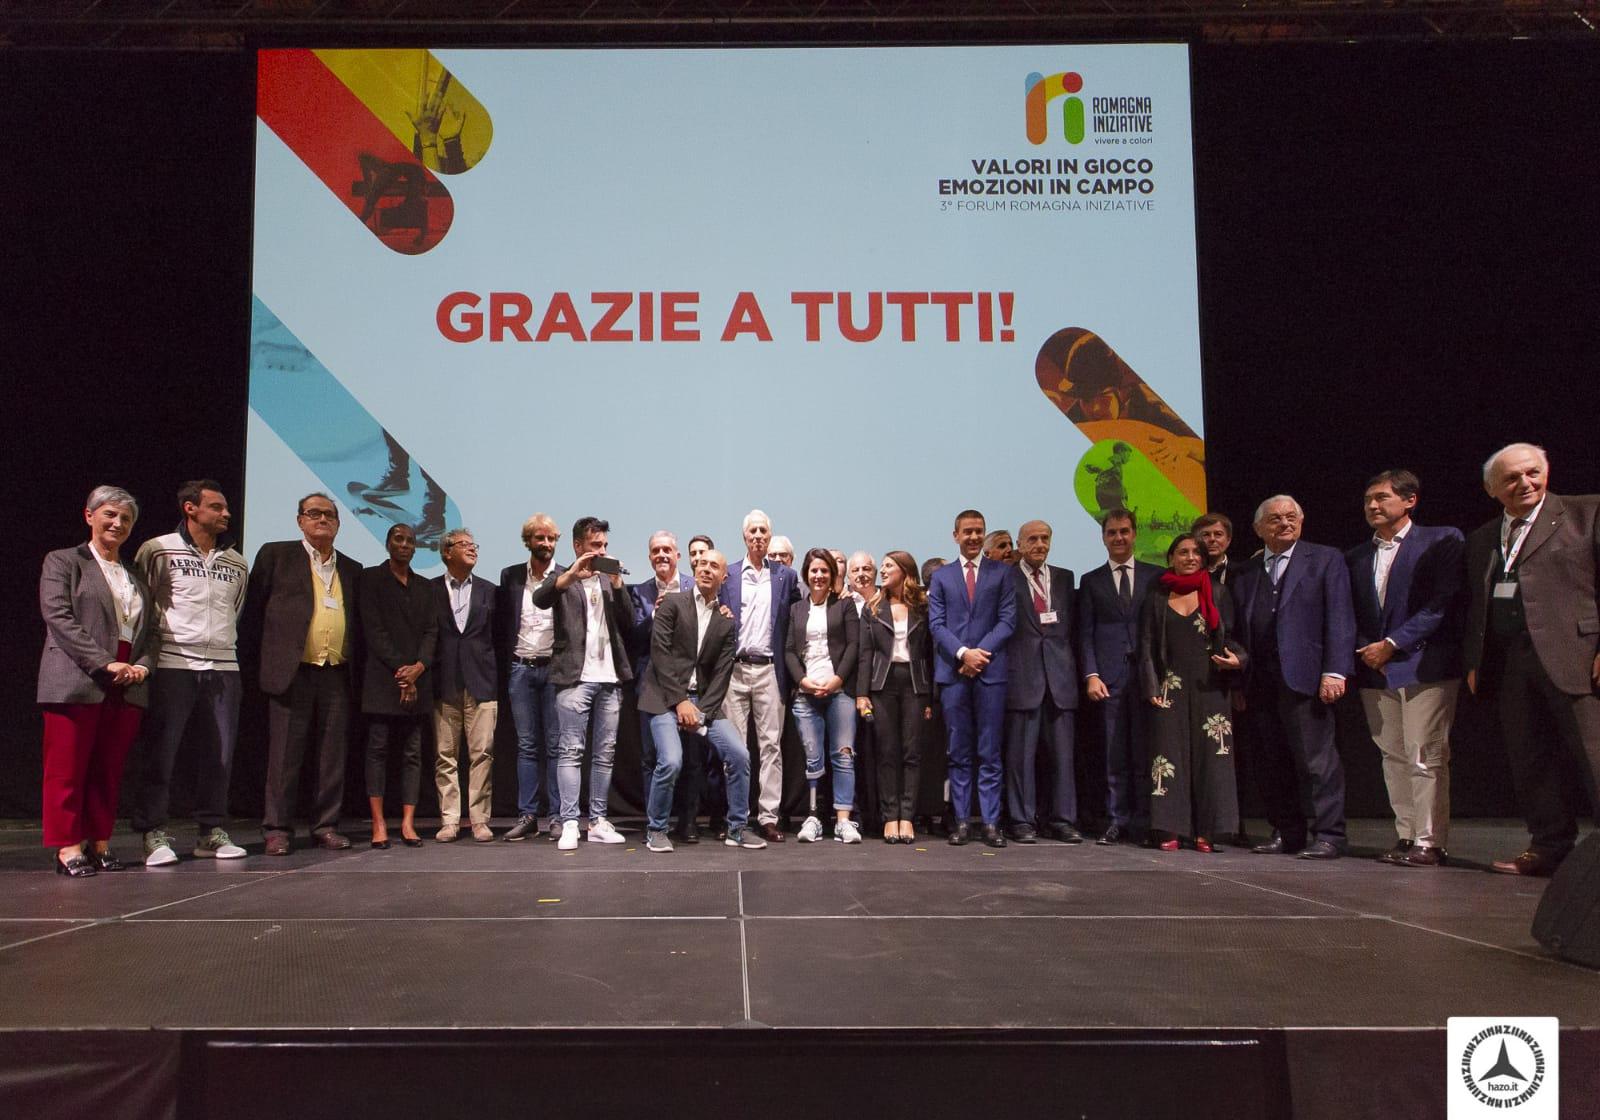 1e8514ef0d Questo il messaggio lanciato dal 3° Forum Romagna Iniziative, l'evento  ideato dal Consorzio che da oltre 20 anni riunisce 12 grandi aziende della  Romagna e ...